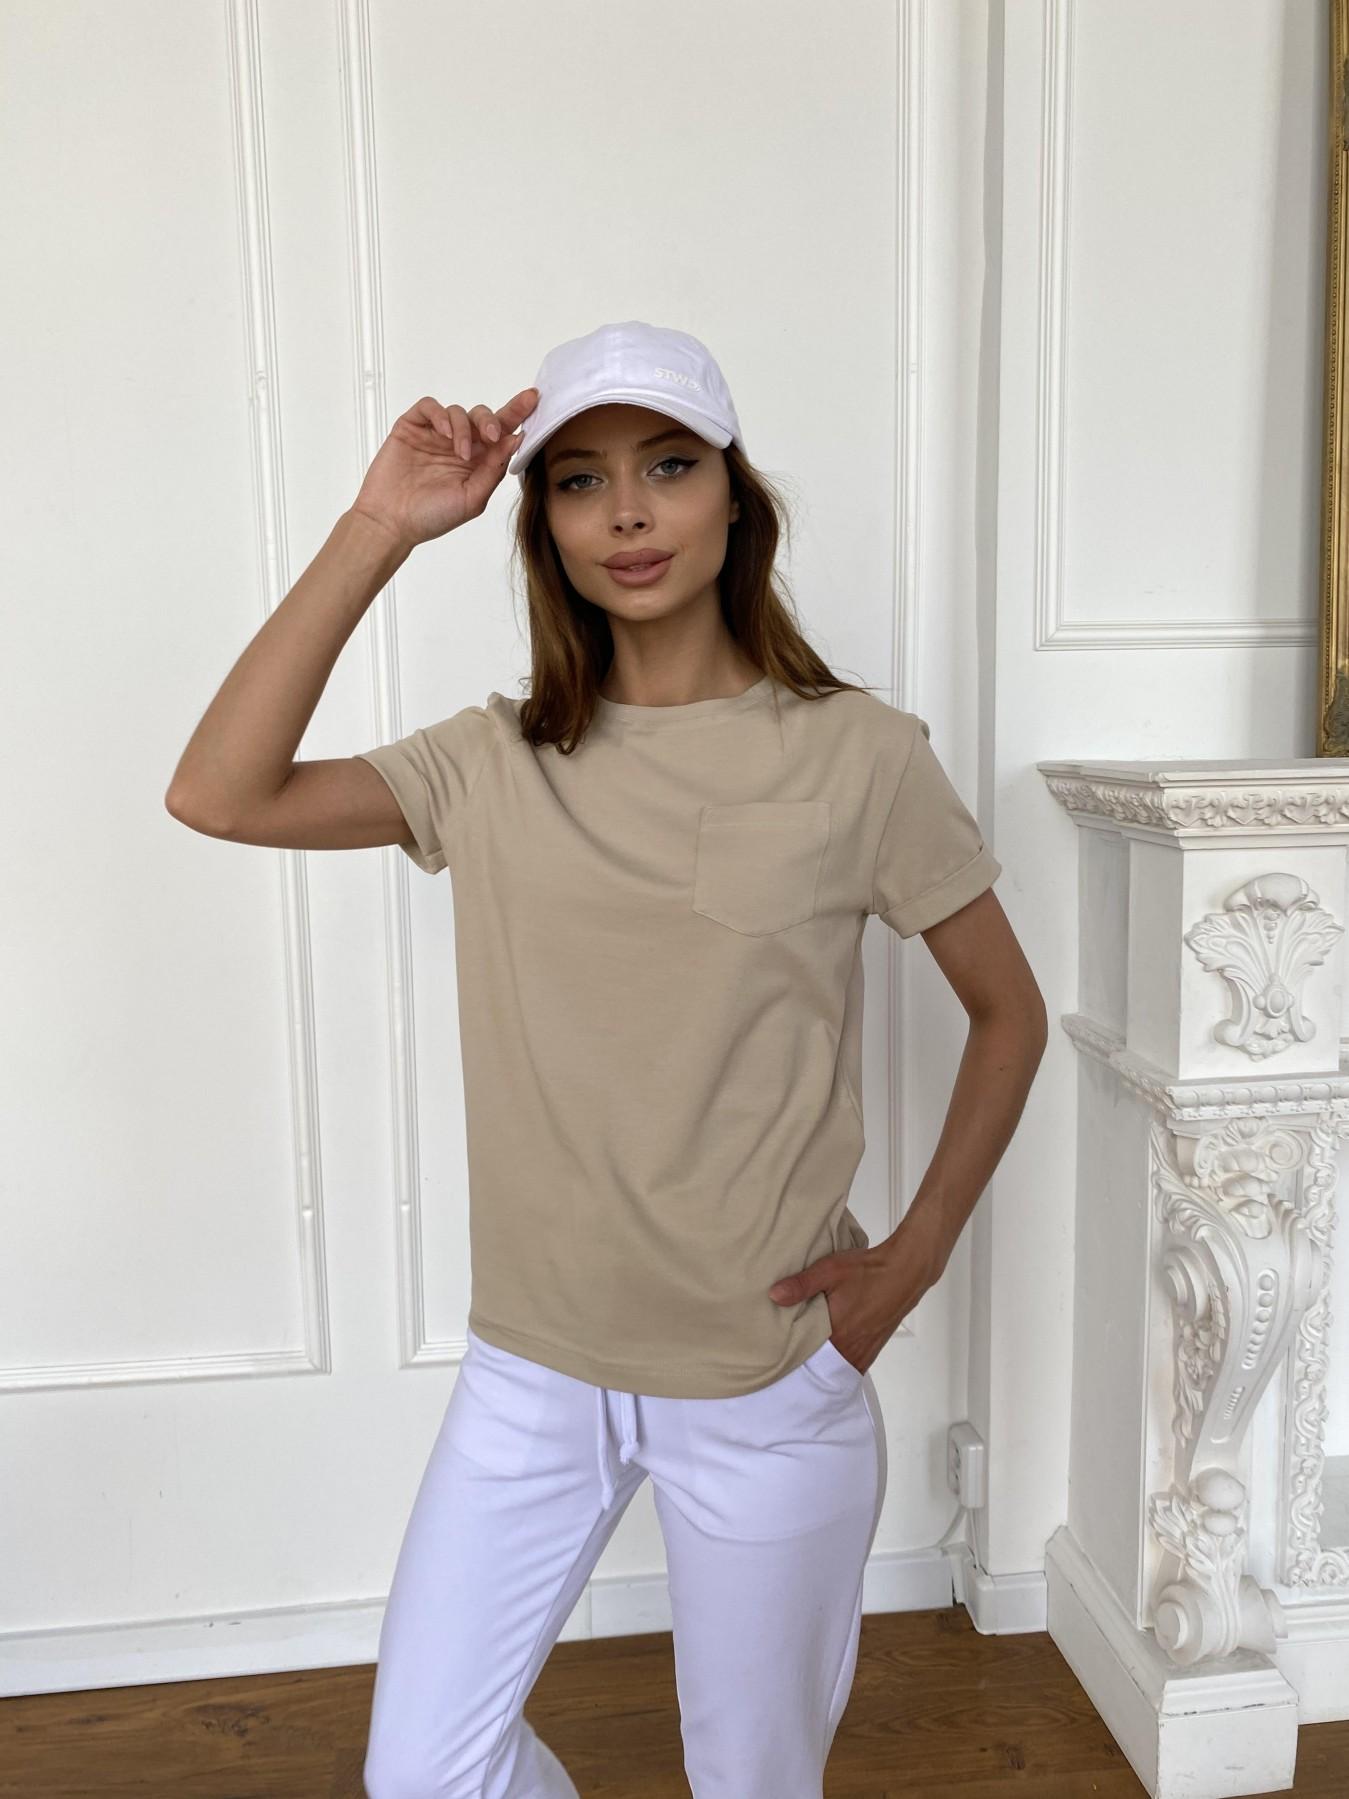 Вуди футболка из вискозы 11224 АРТ. 47877 Цвет: Бежевый - фото 3, интернет магазин tm-modus.ru